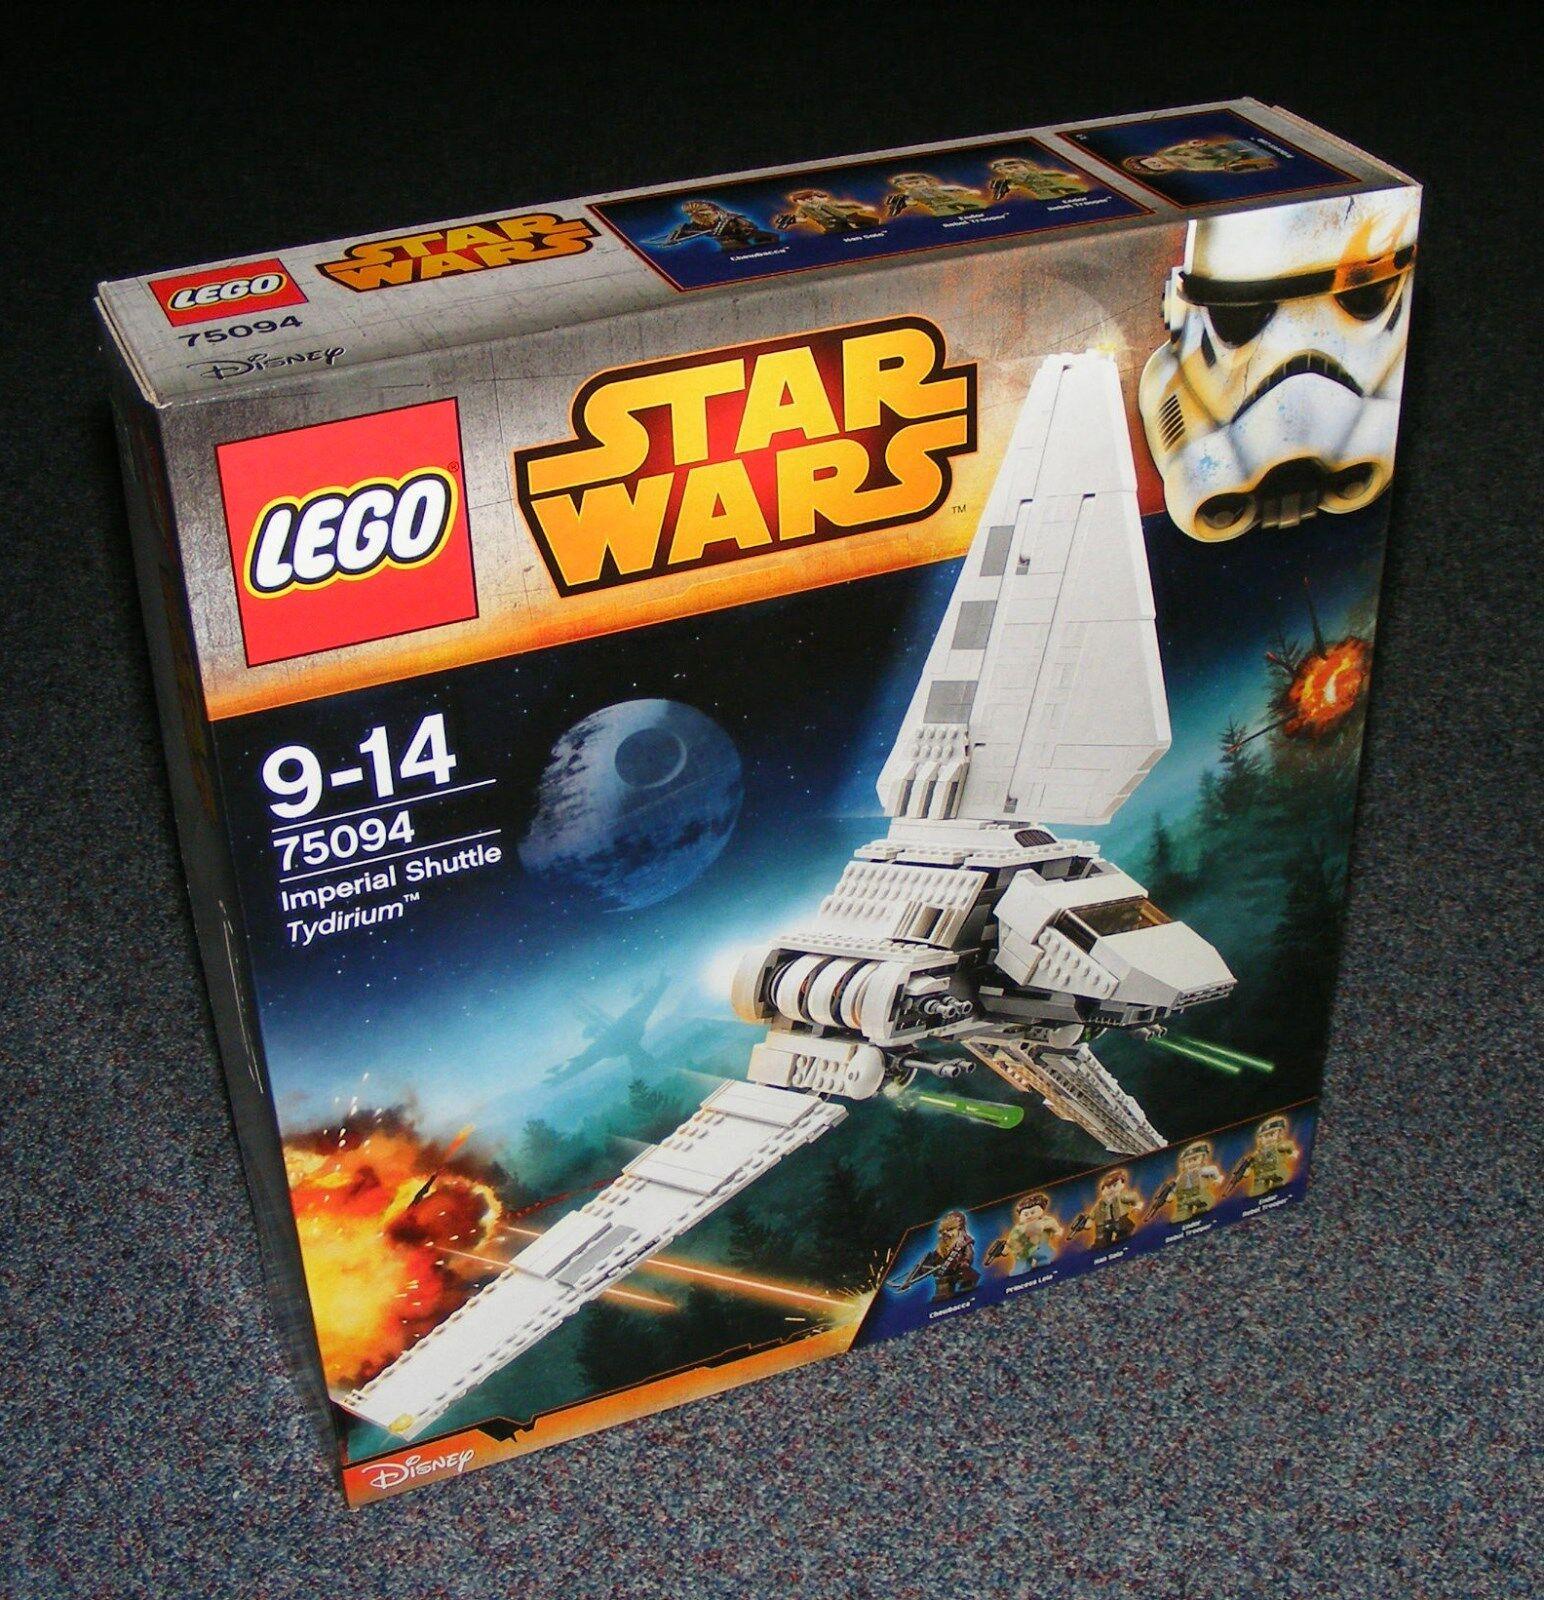 STAR WARS LEGO 75094 IMPERIAL SHUTTLE TYDIRIUM BRAND NEW BNIB